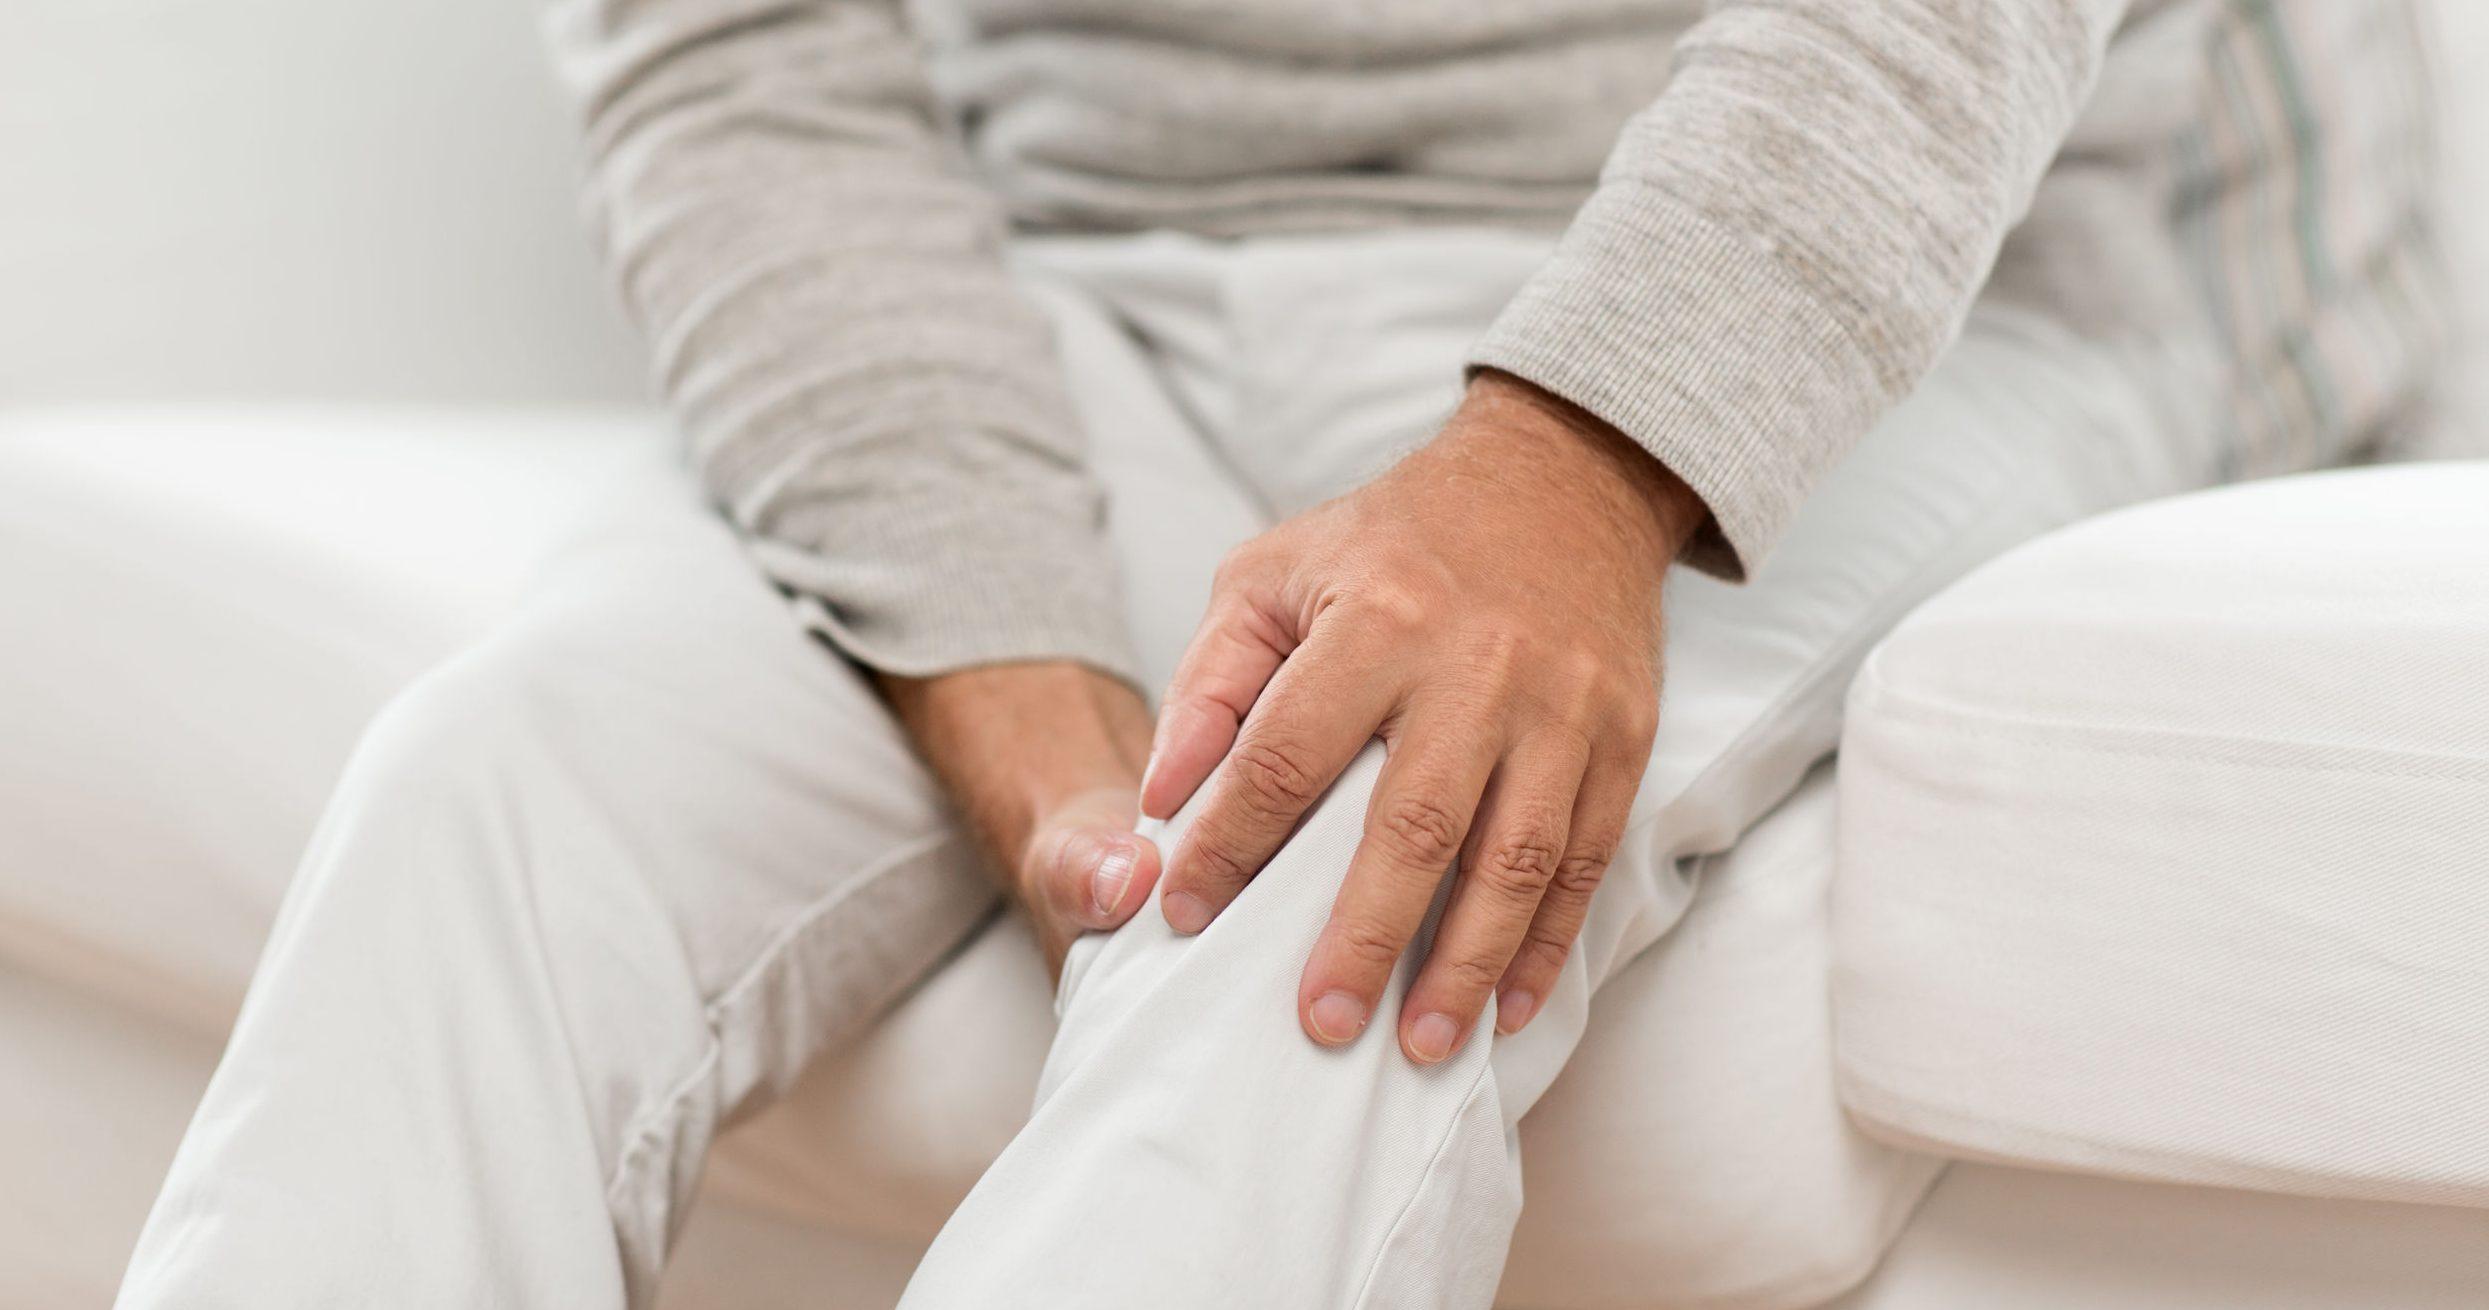 Dor nas articulações: O que é e como tratar?